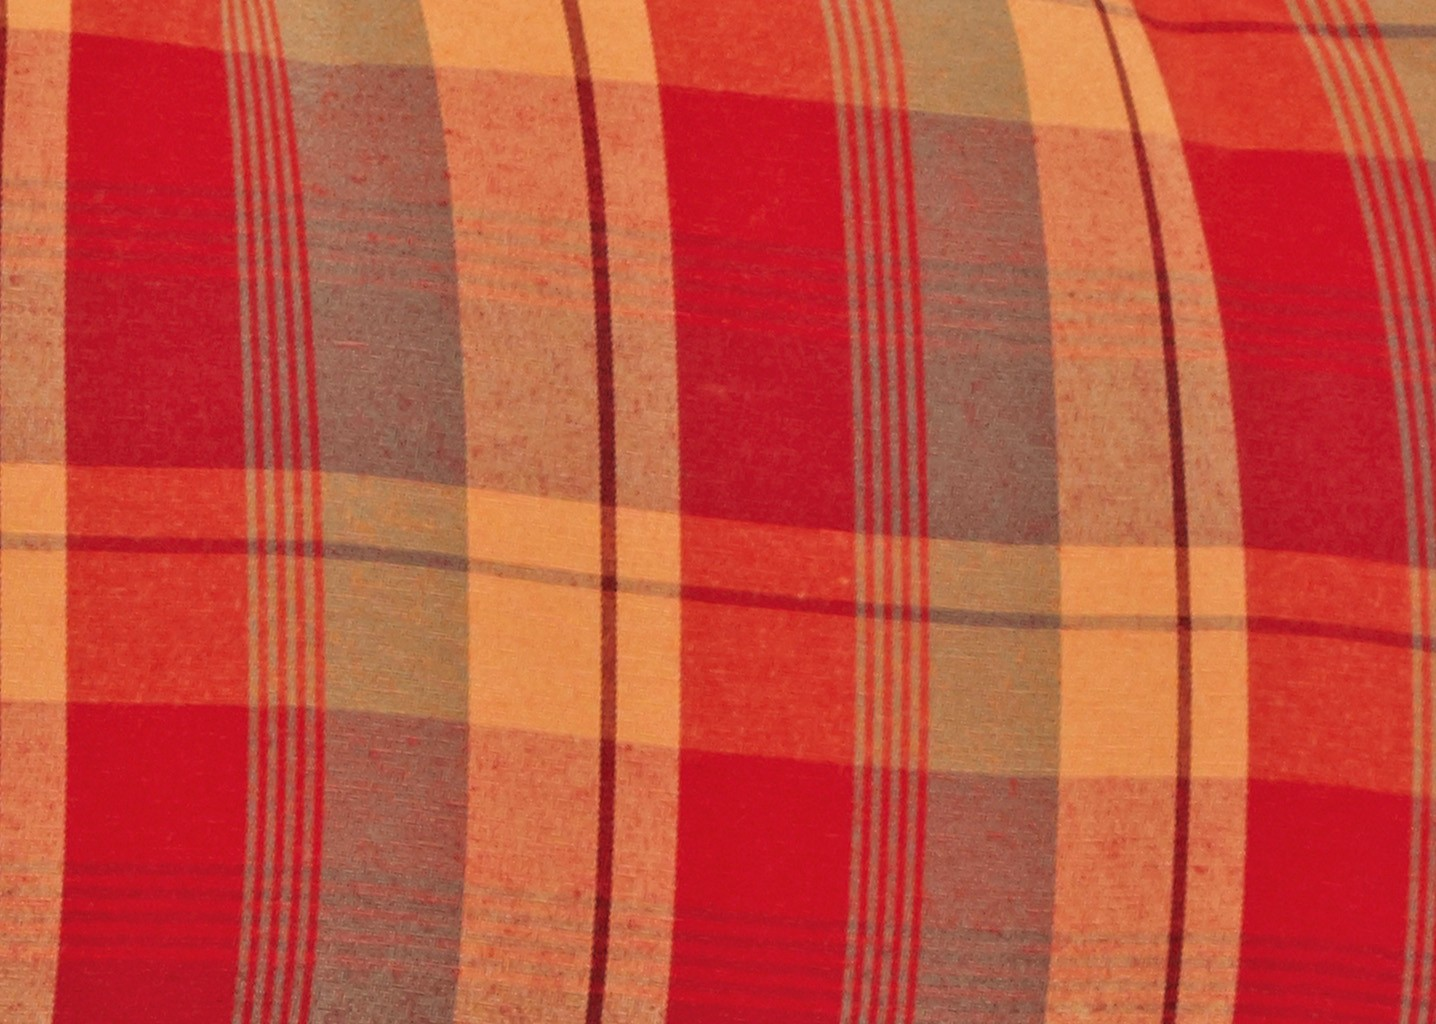 Подушка для качелей Montana KettlerПодушки<br>Размер: 180х55/80х8<br><br>Материалы: 50% хлопок, 50% полиэстер<br>Ниша под ТВ: 180х55/80х8<br>Комплектация: Тент<br>Изготовление и доставка: 3-5 дней<br>Условия доставки: Бесплатная по Москве до подъезда<br>Условие оплаты: Оплата наличными при получении товара<br>Производство: Германия<br>Производитель: Kettler